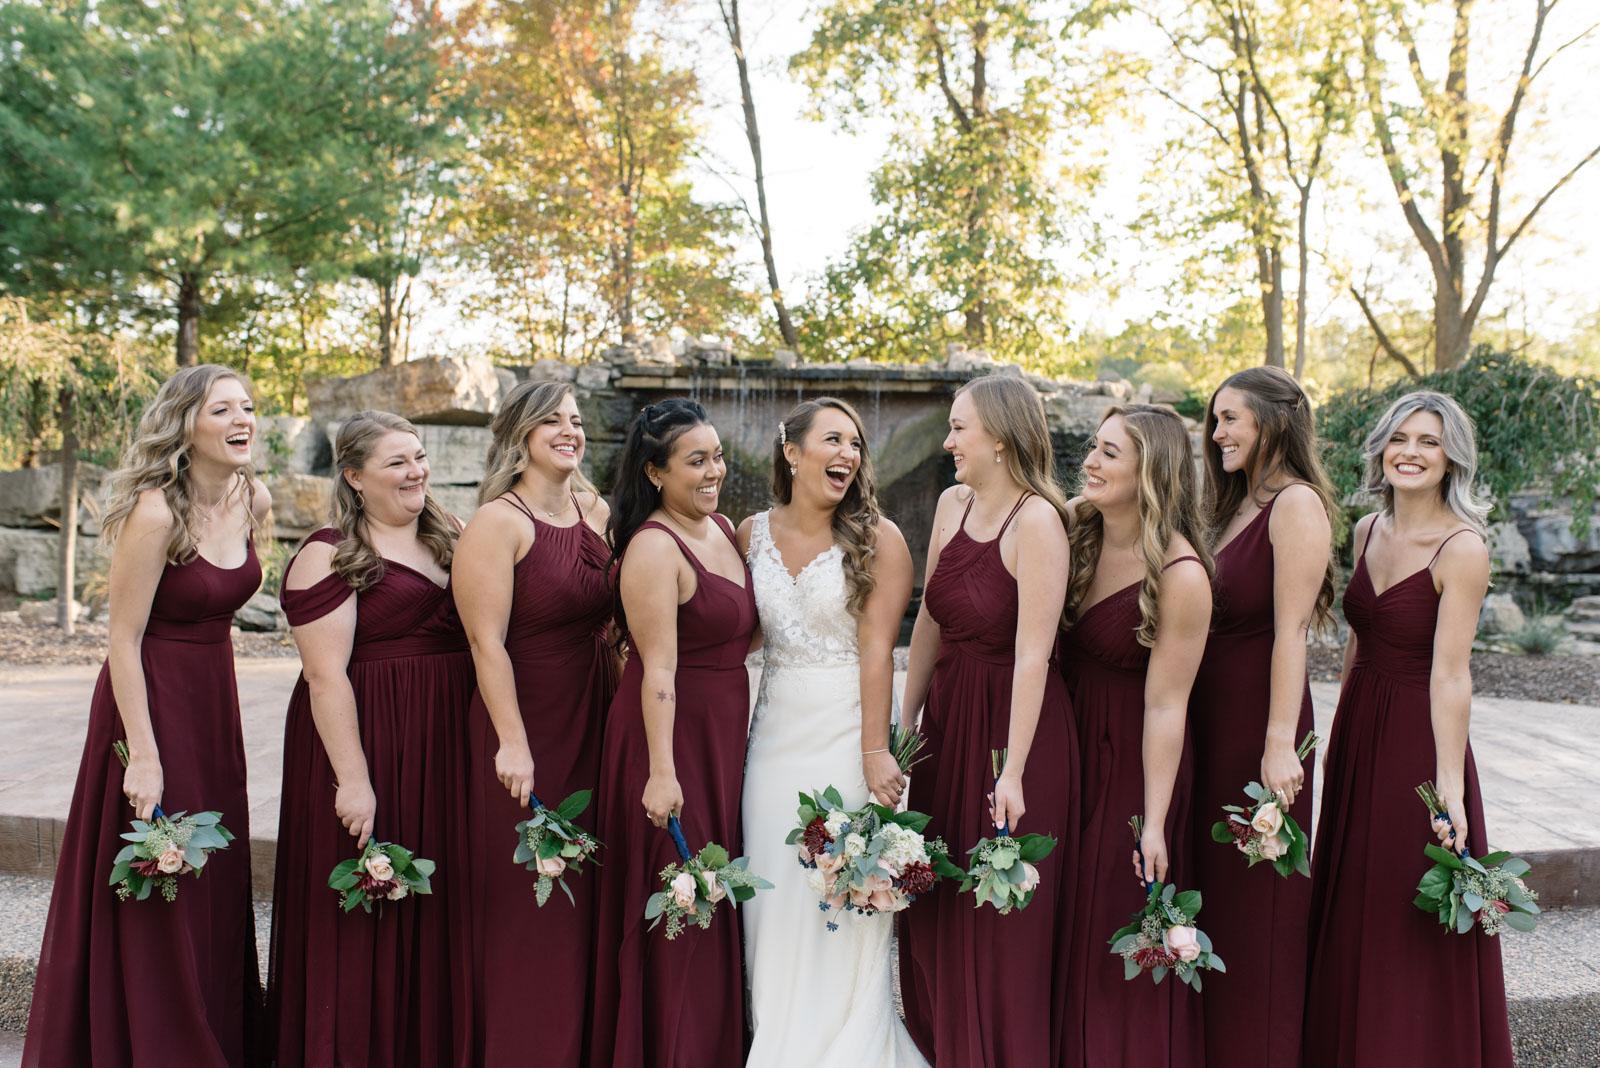 bridal party at bella sala wedding venue in tiffin iowa